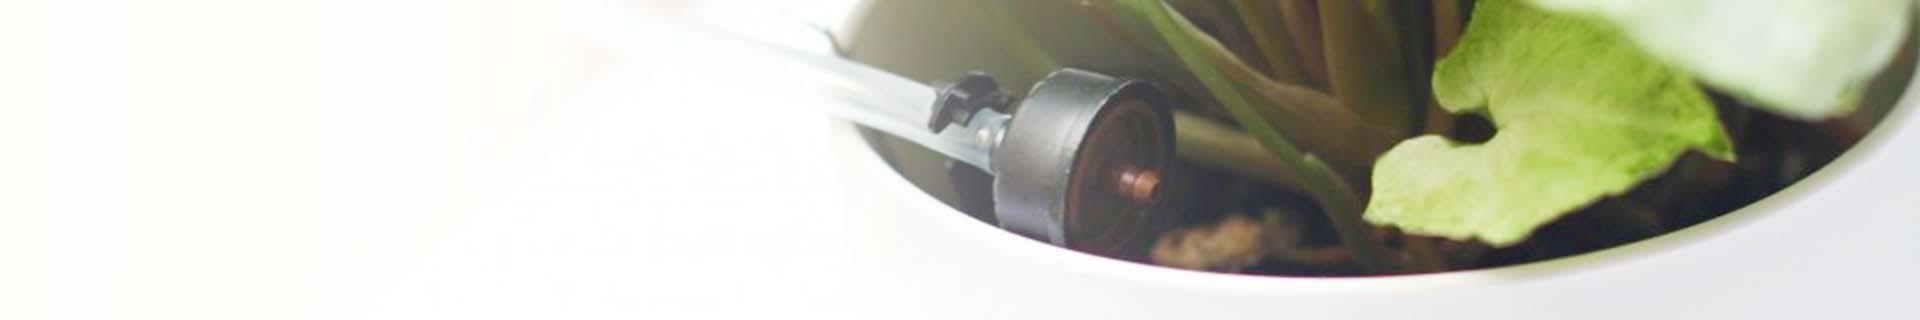 Arrossage automatique plantes d'interieur | CitySens